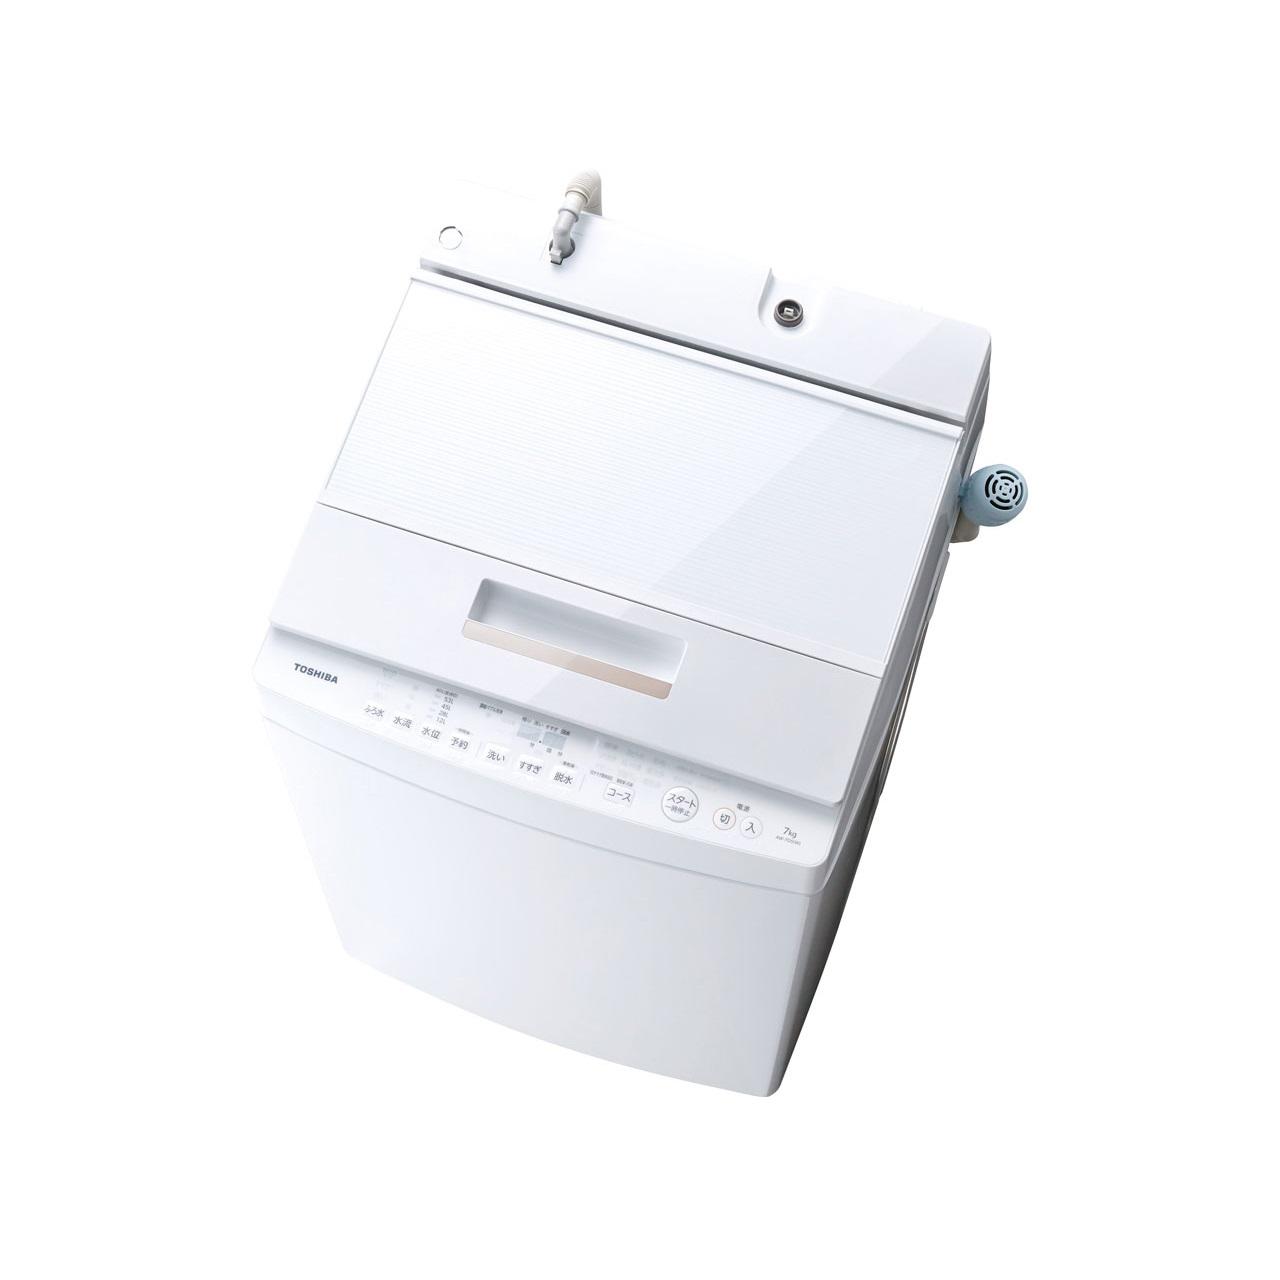 東芝AW-7D5全自動洗濯機